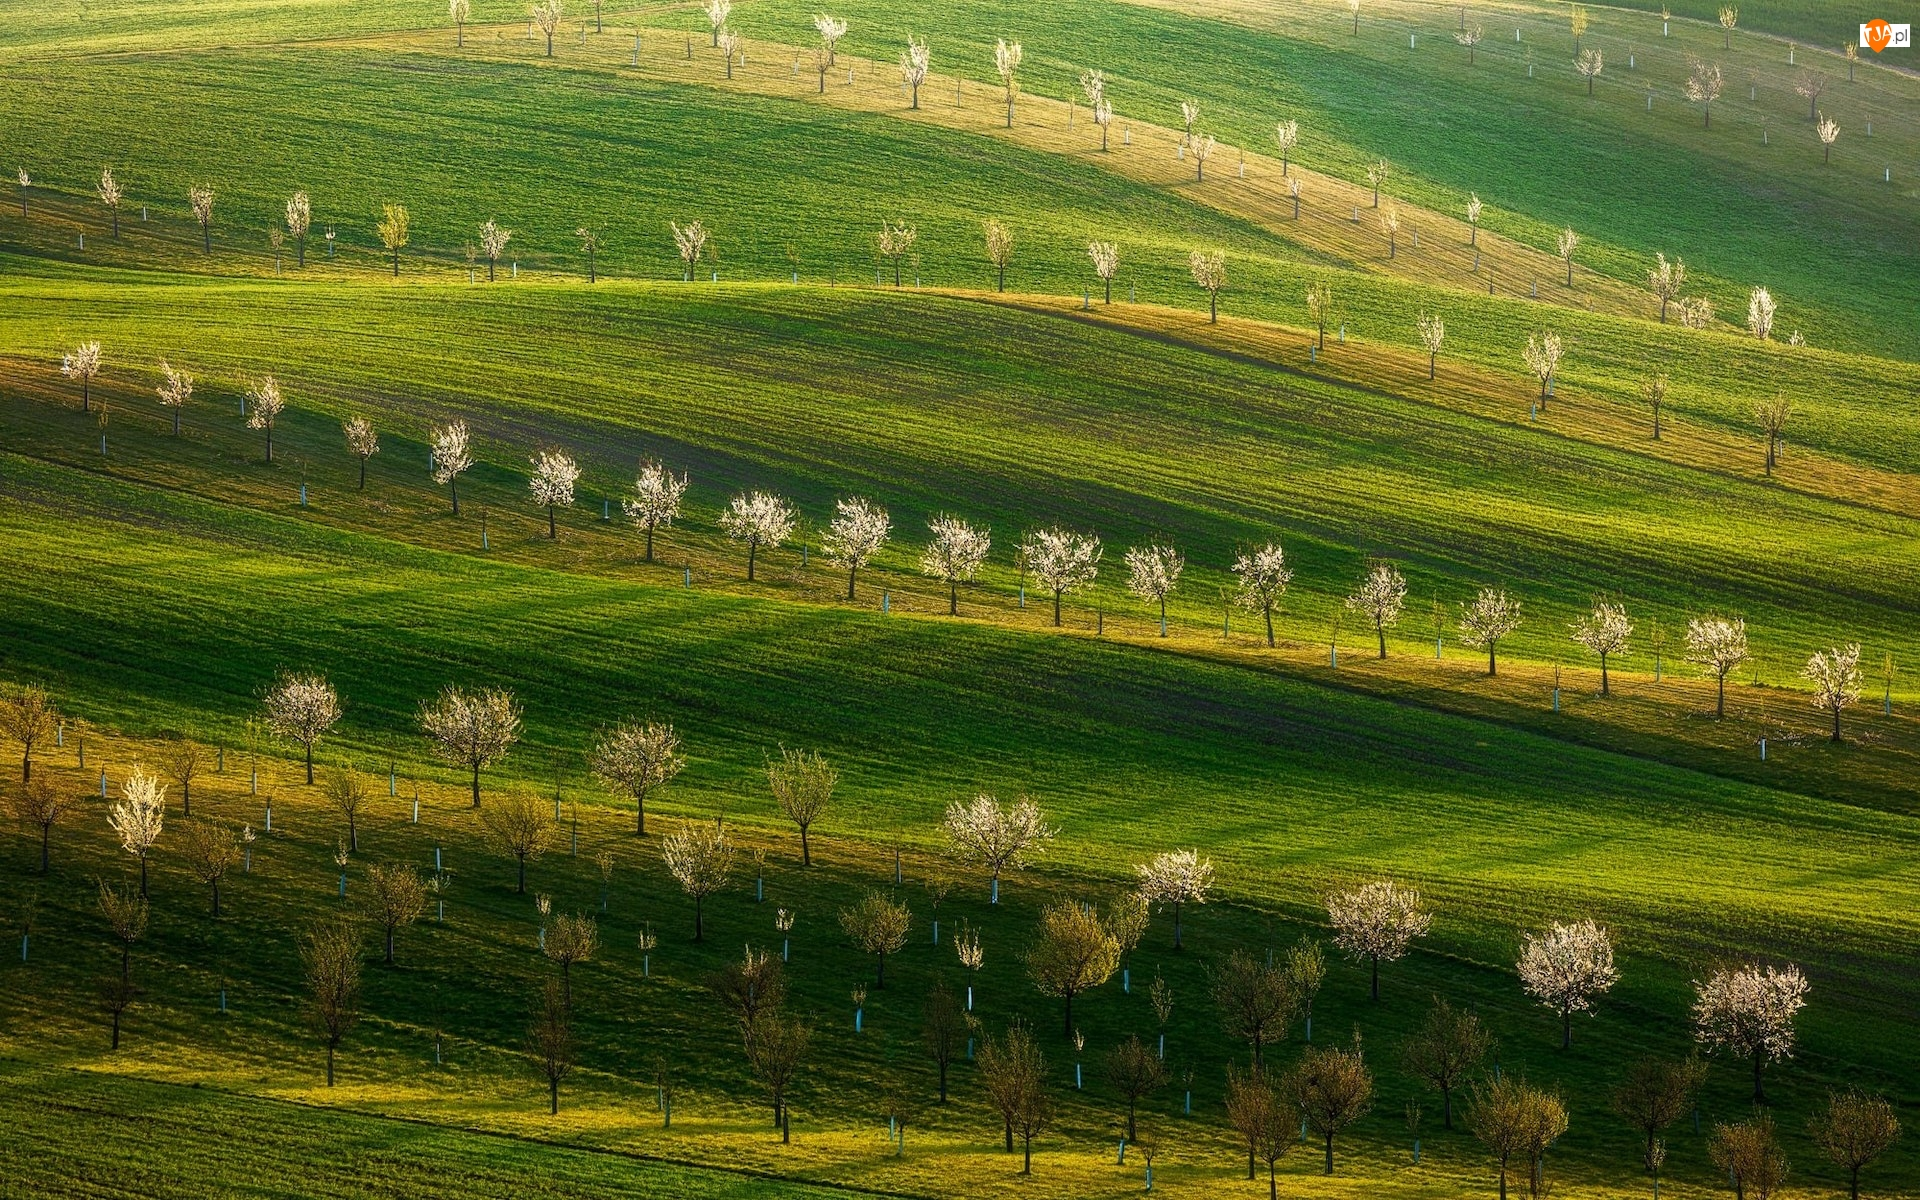 Drzewa owocowe, Wzgórza, Pole, Łąka